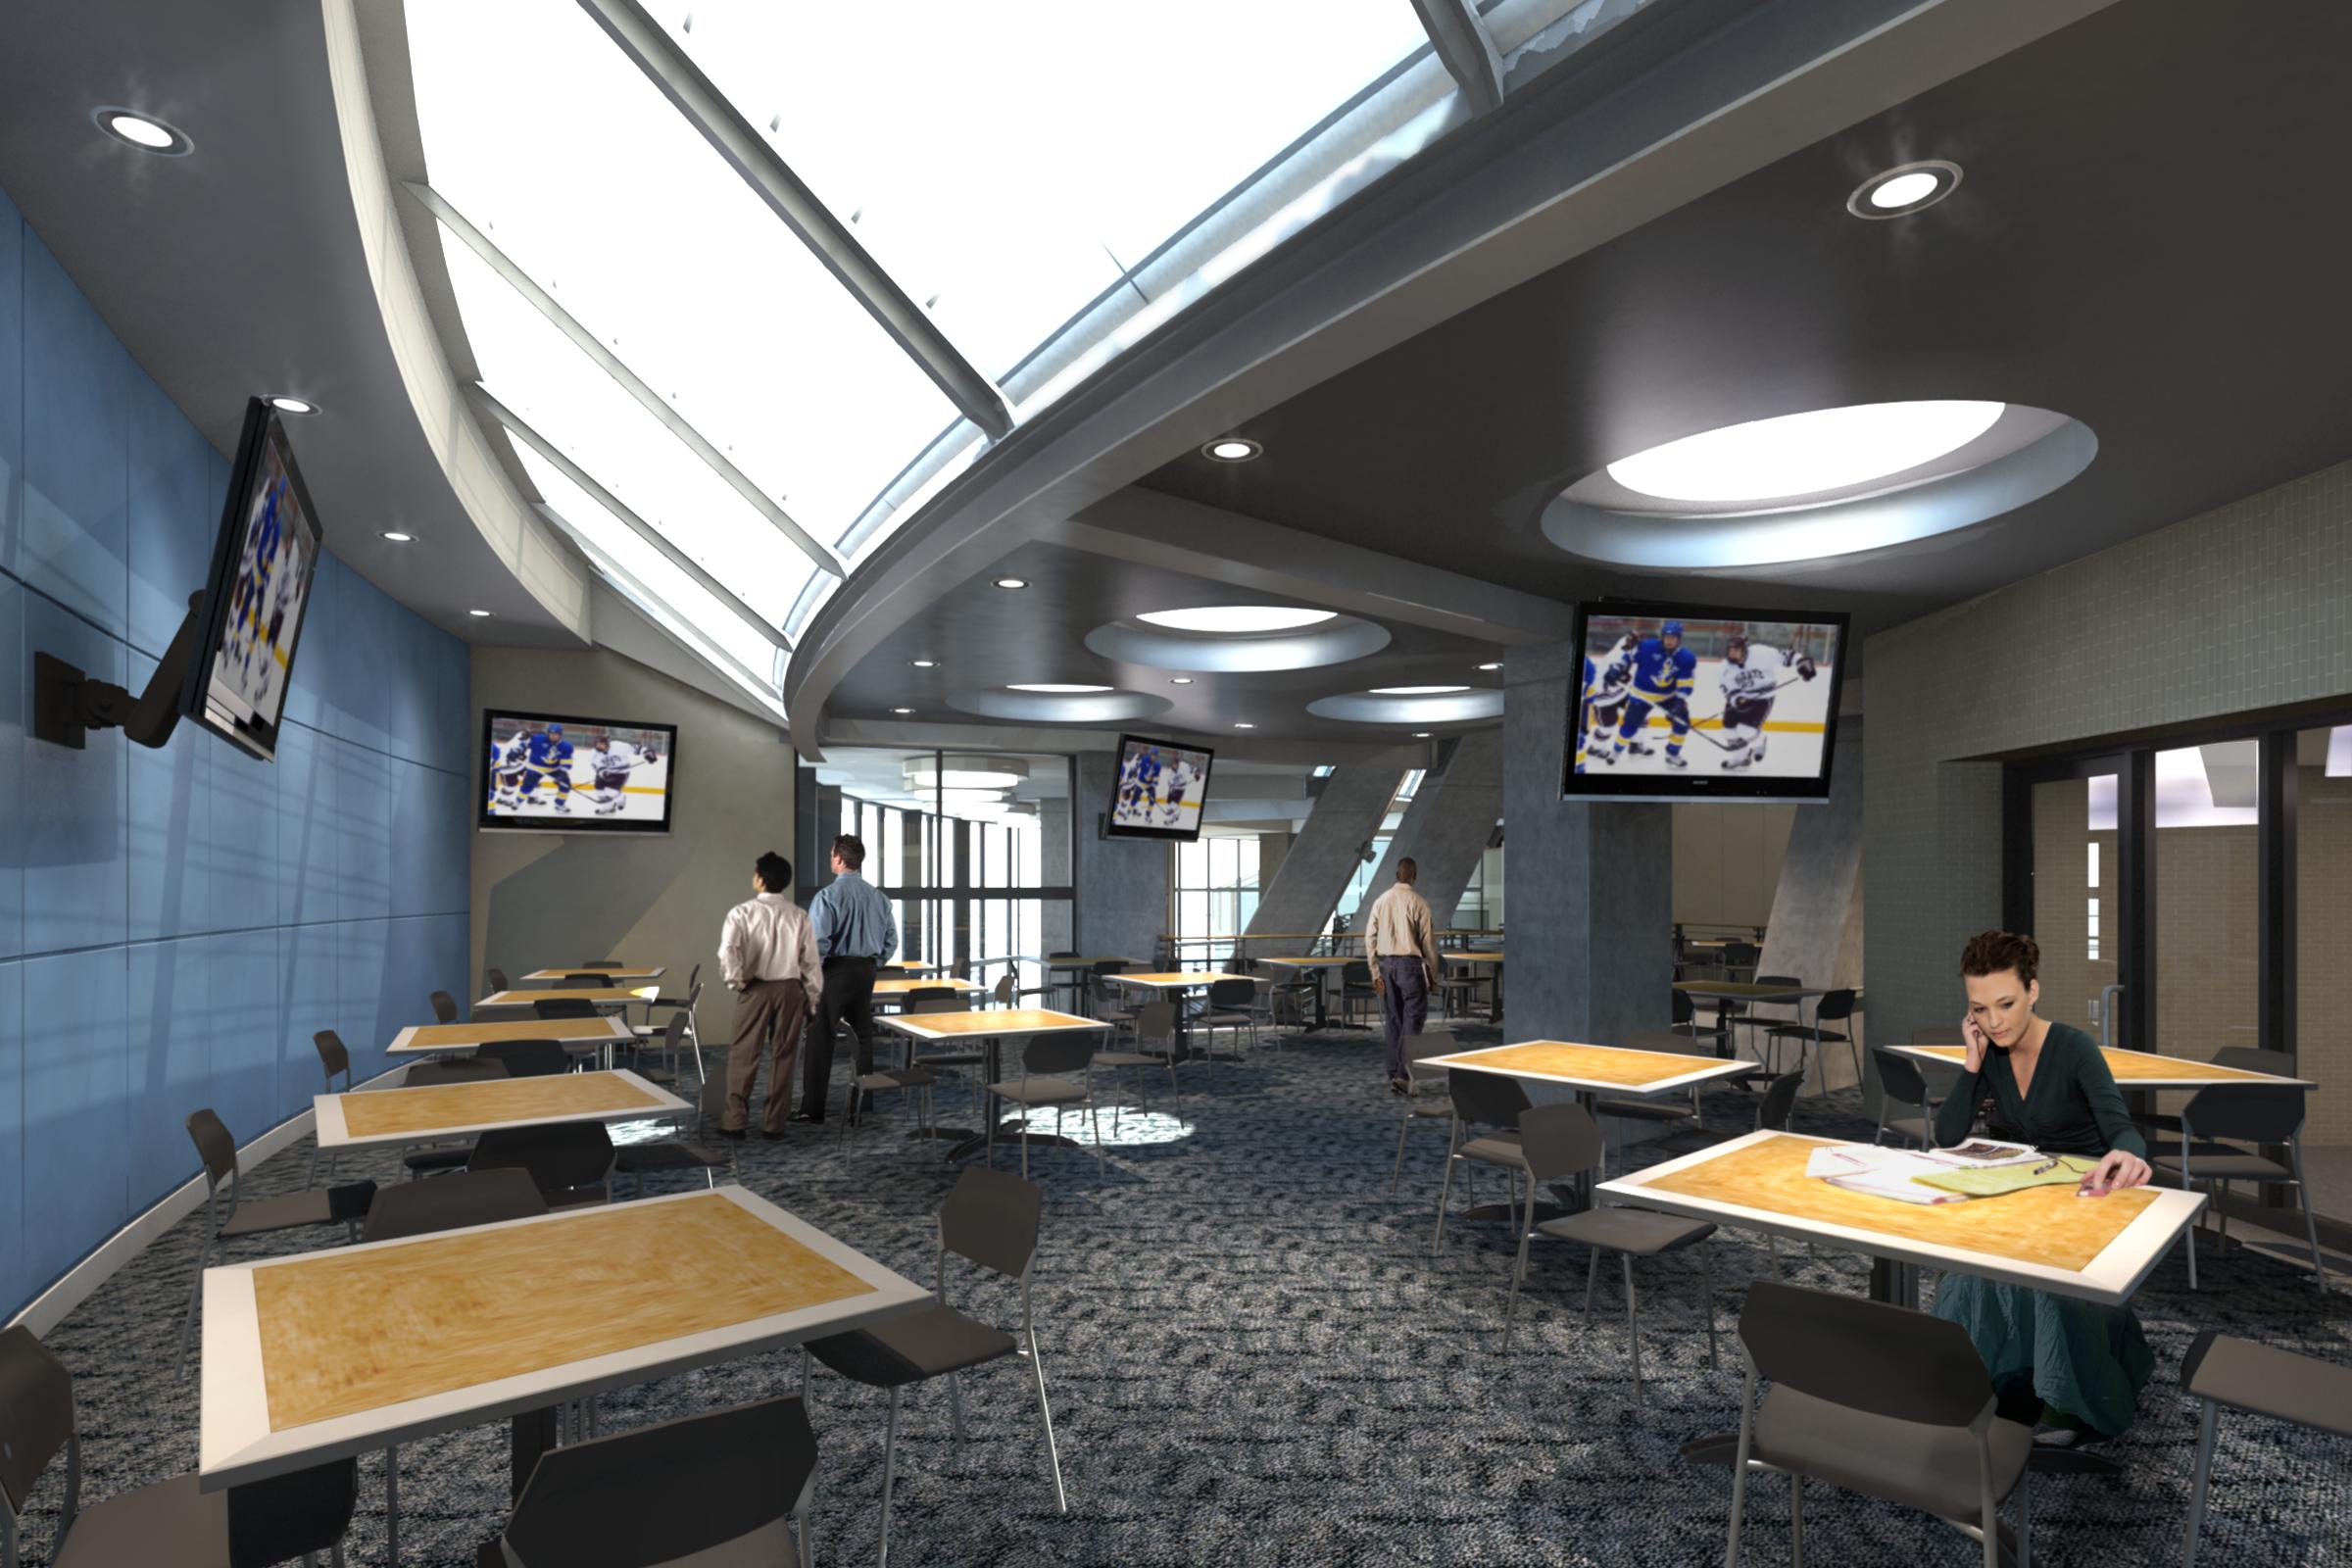 LSSU - Norris Center:  2nd floor lounge